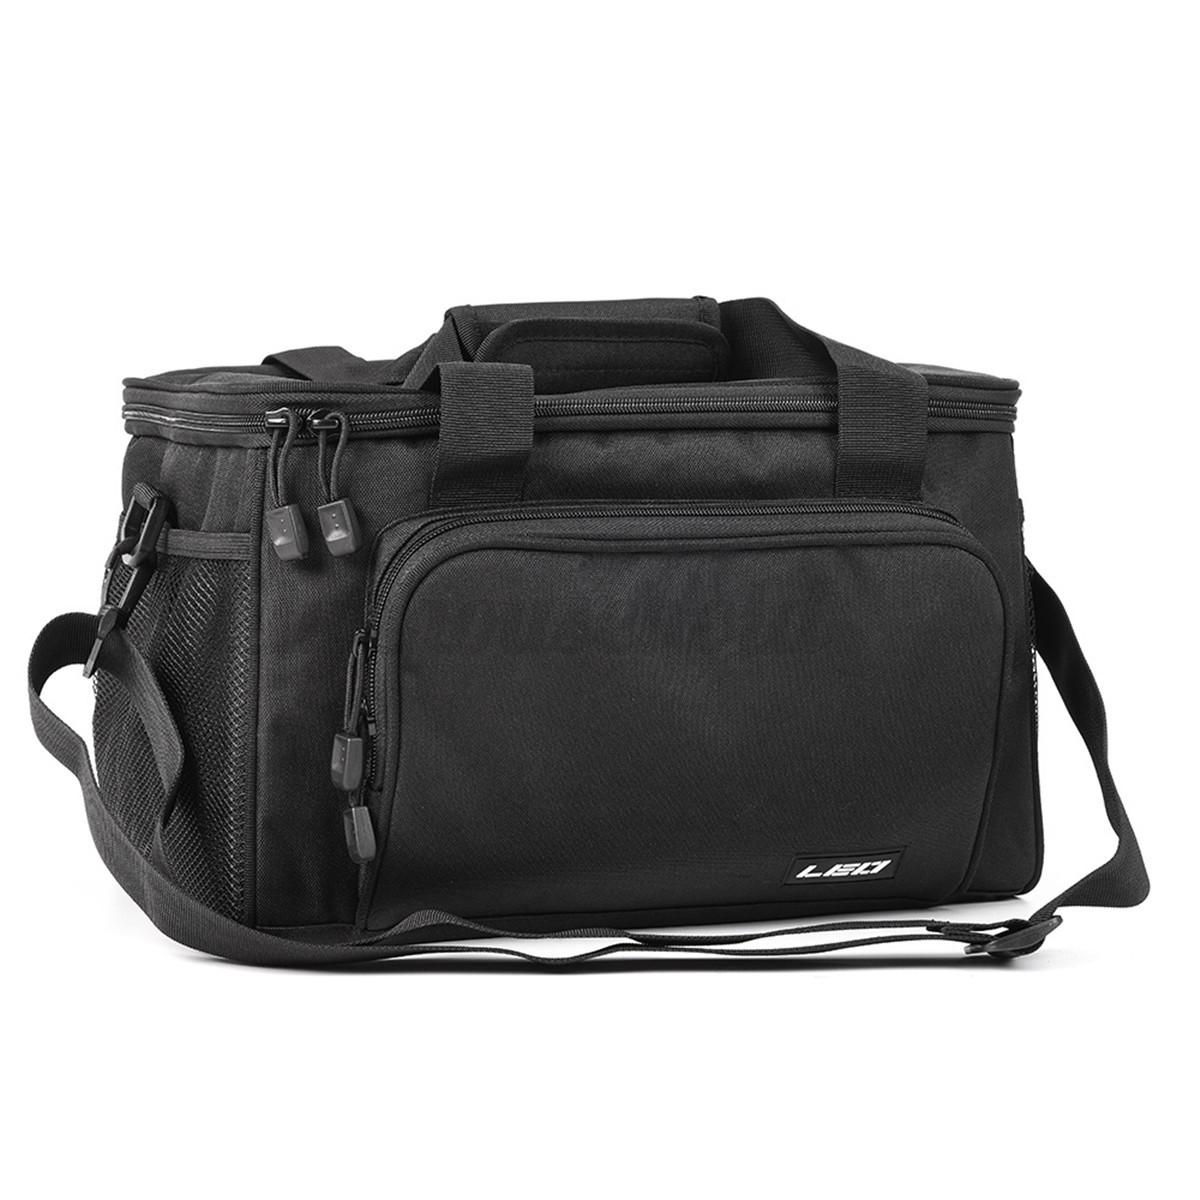 Indexbild 13 - Grossen-Angelgeraet-Tasche-Pack-Taille-Schulterrolle-Getriebe-Lagerung-Handtasche